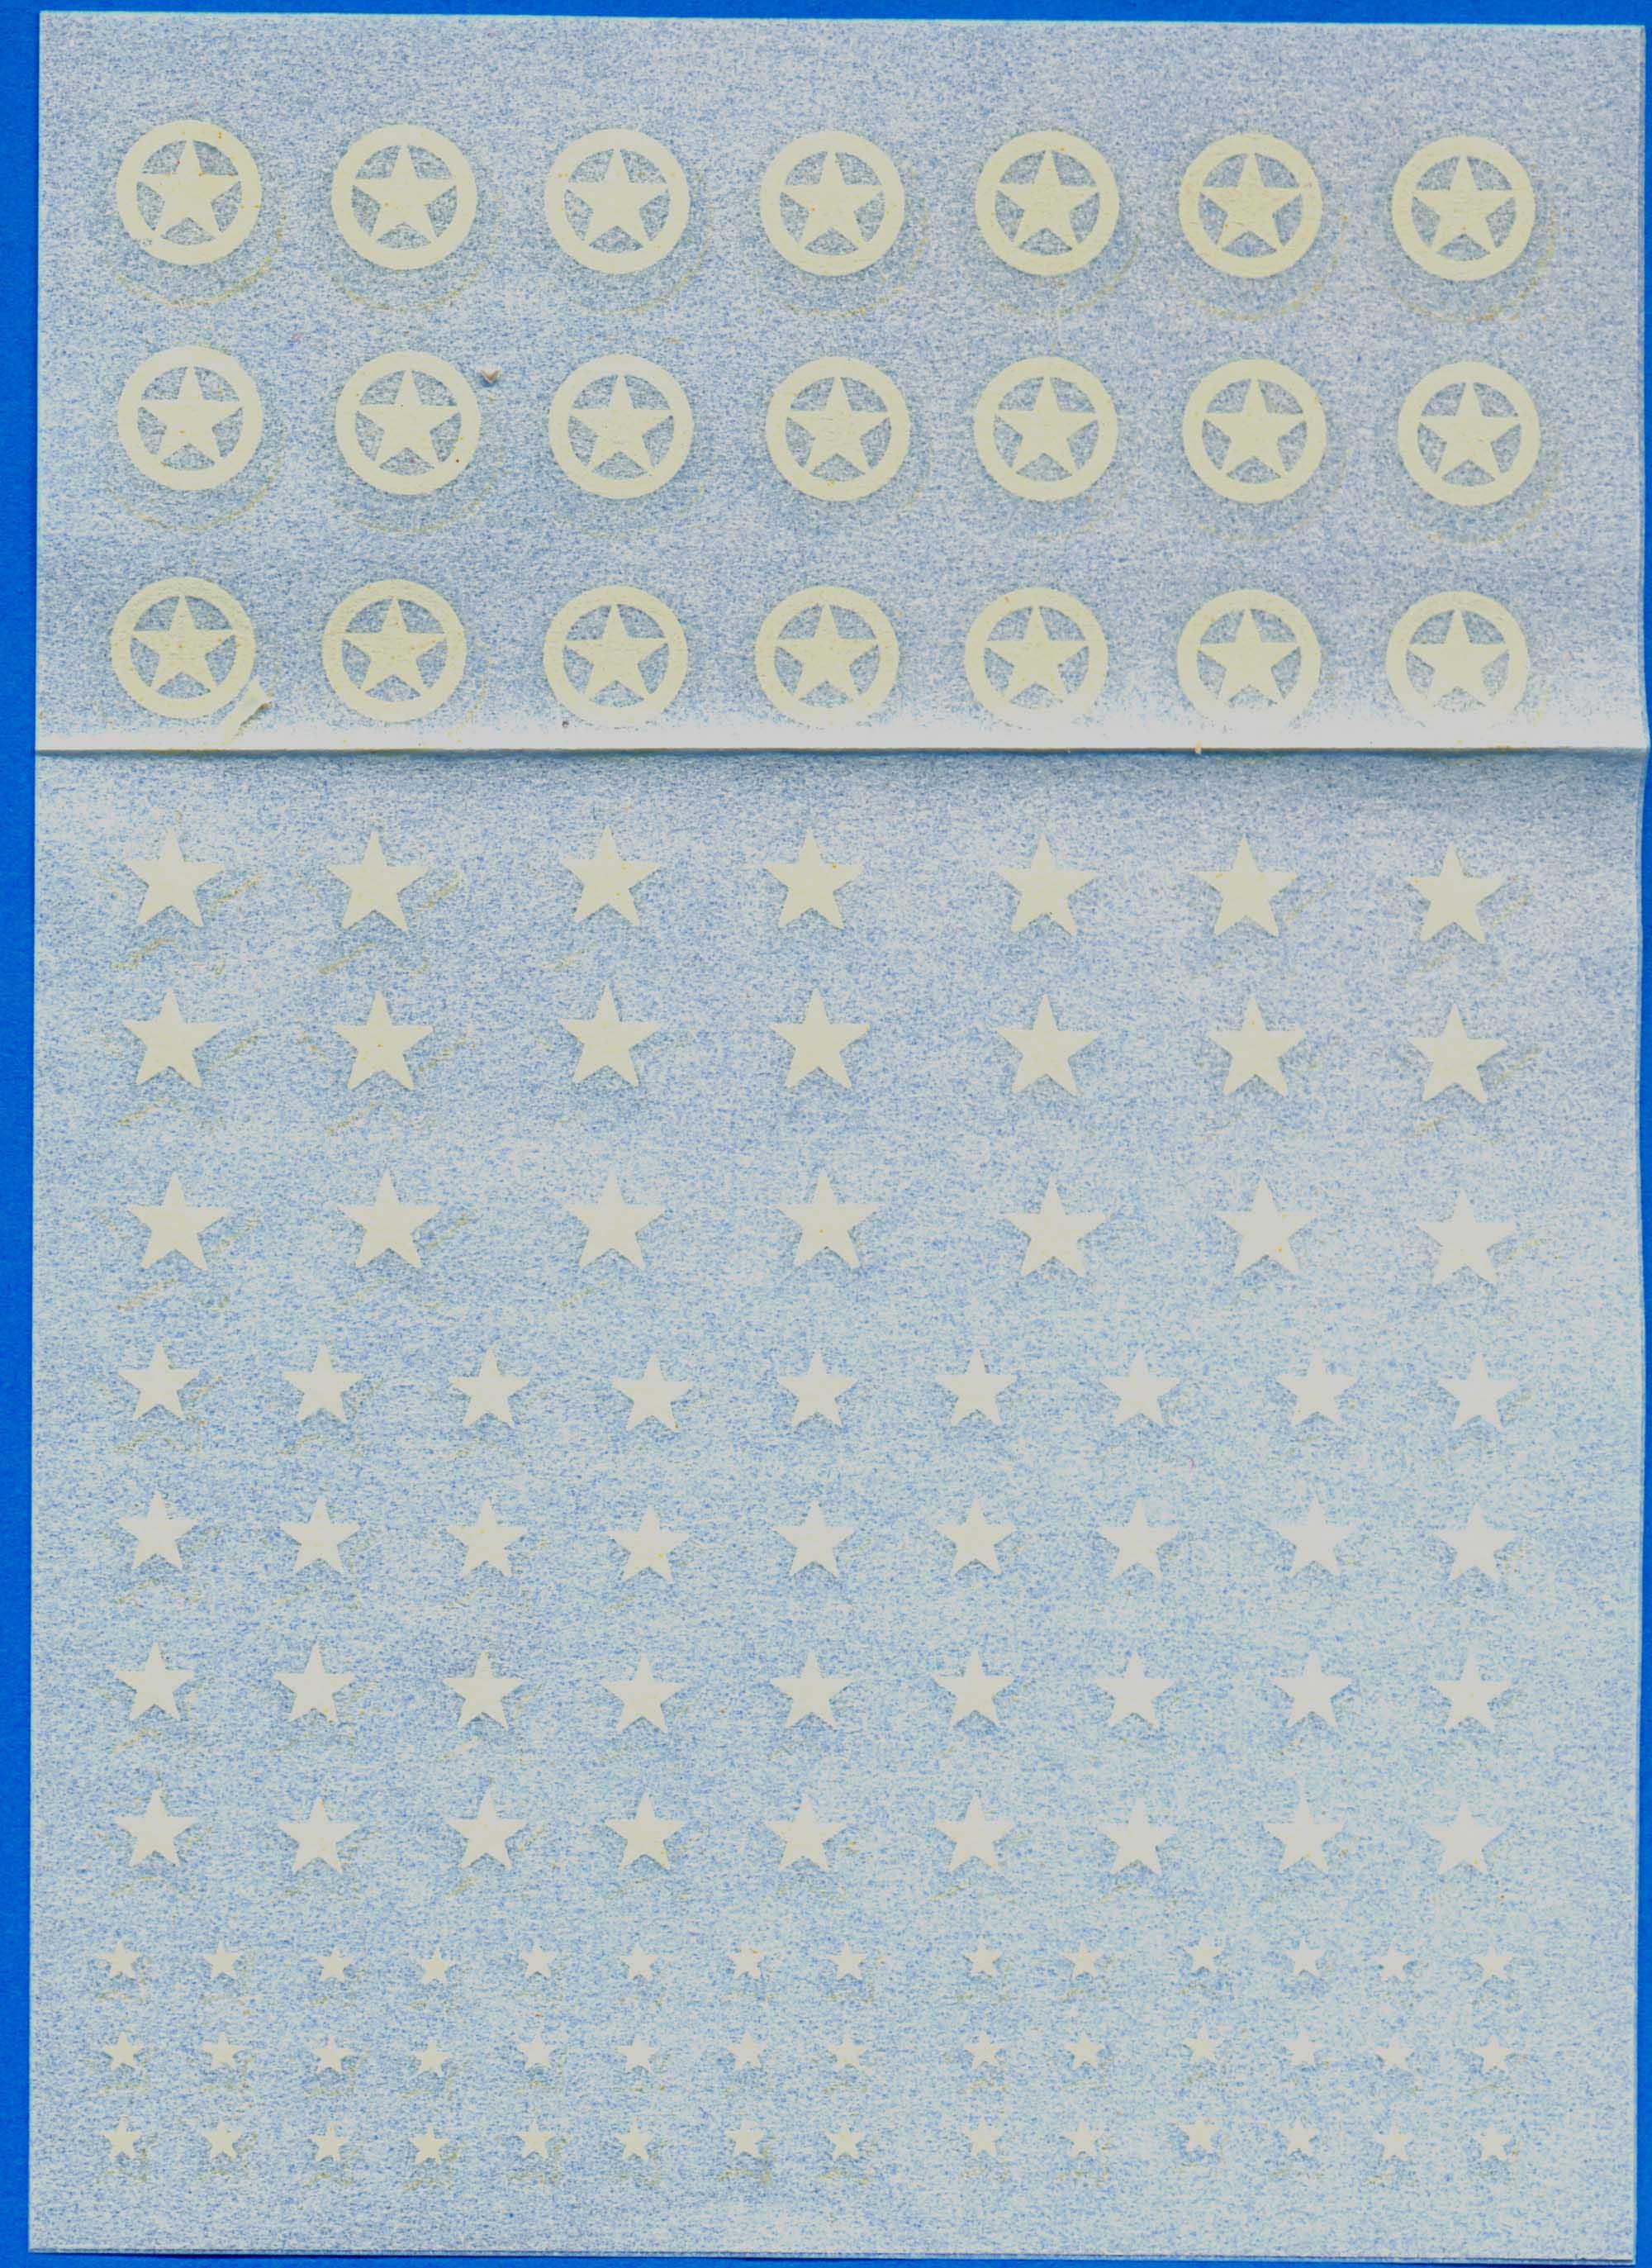 Skytrex 1//76 20mm Soviet Stars Decals